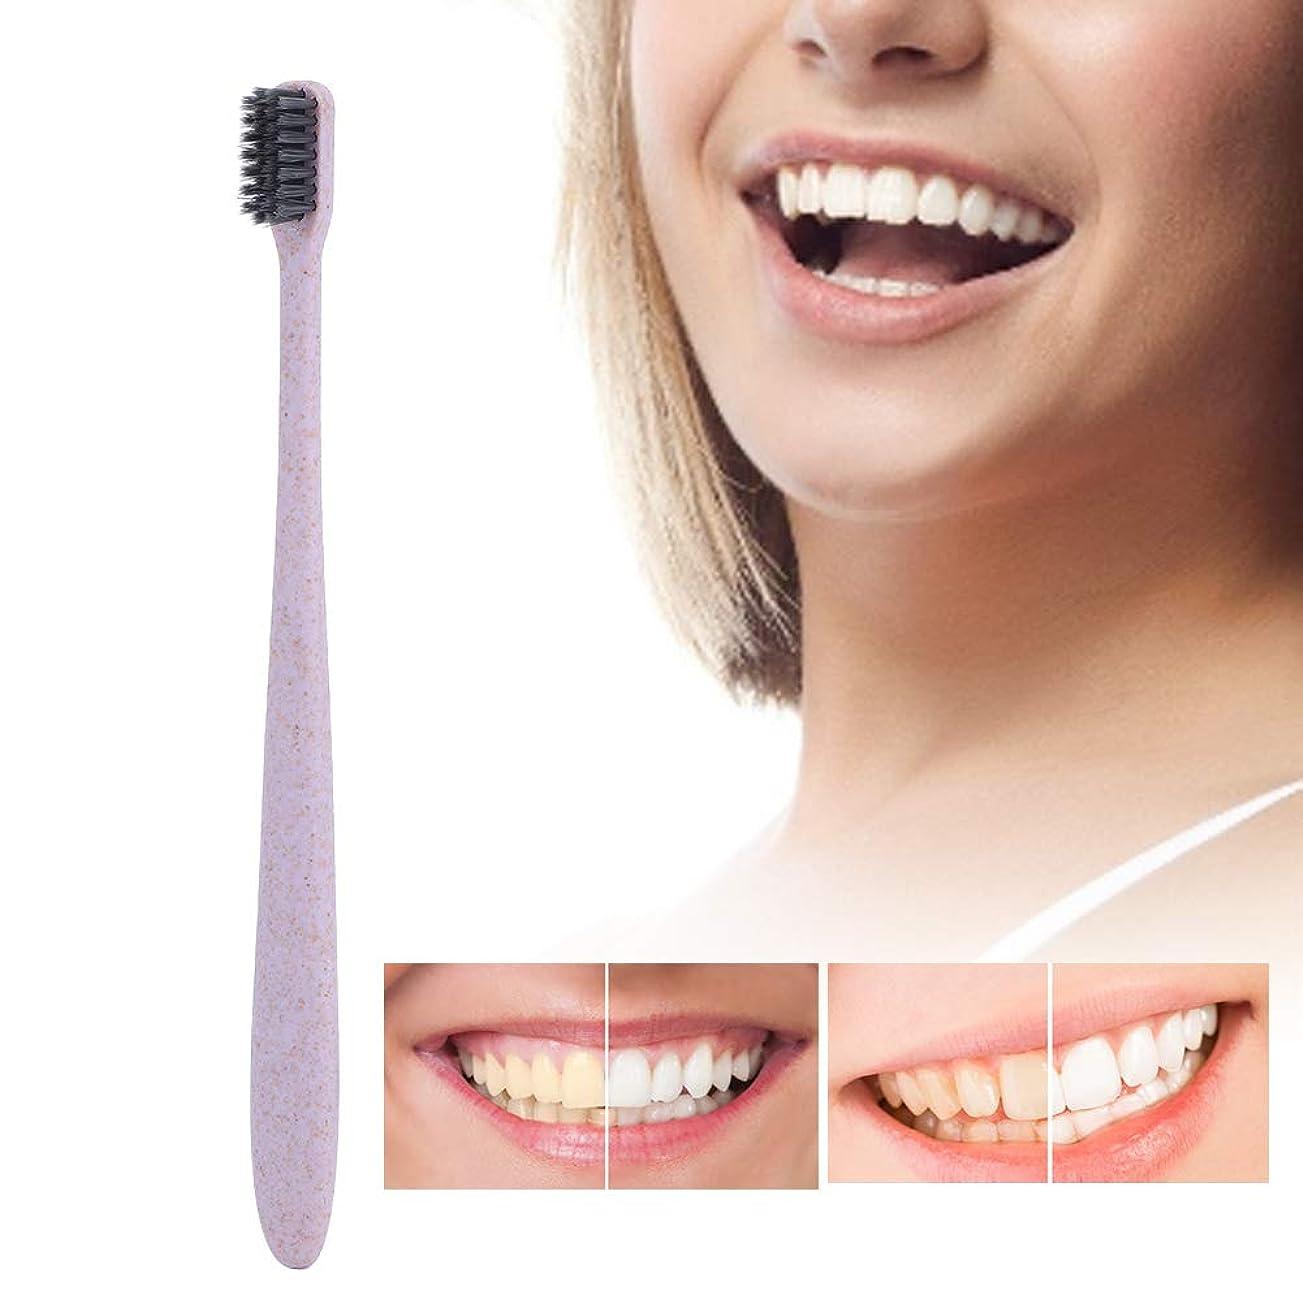 憂慮すべきの慈悲で強化10ピース歯ブラシ、柔らかい竹炭ブラシ髪小麦ハンドル歯ブラシ大人の口腔ケア歯ブラシ